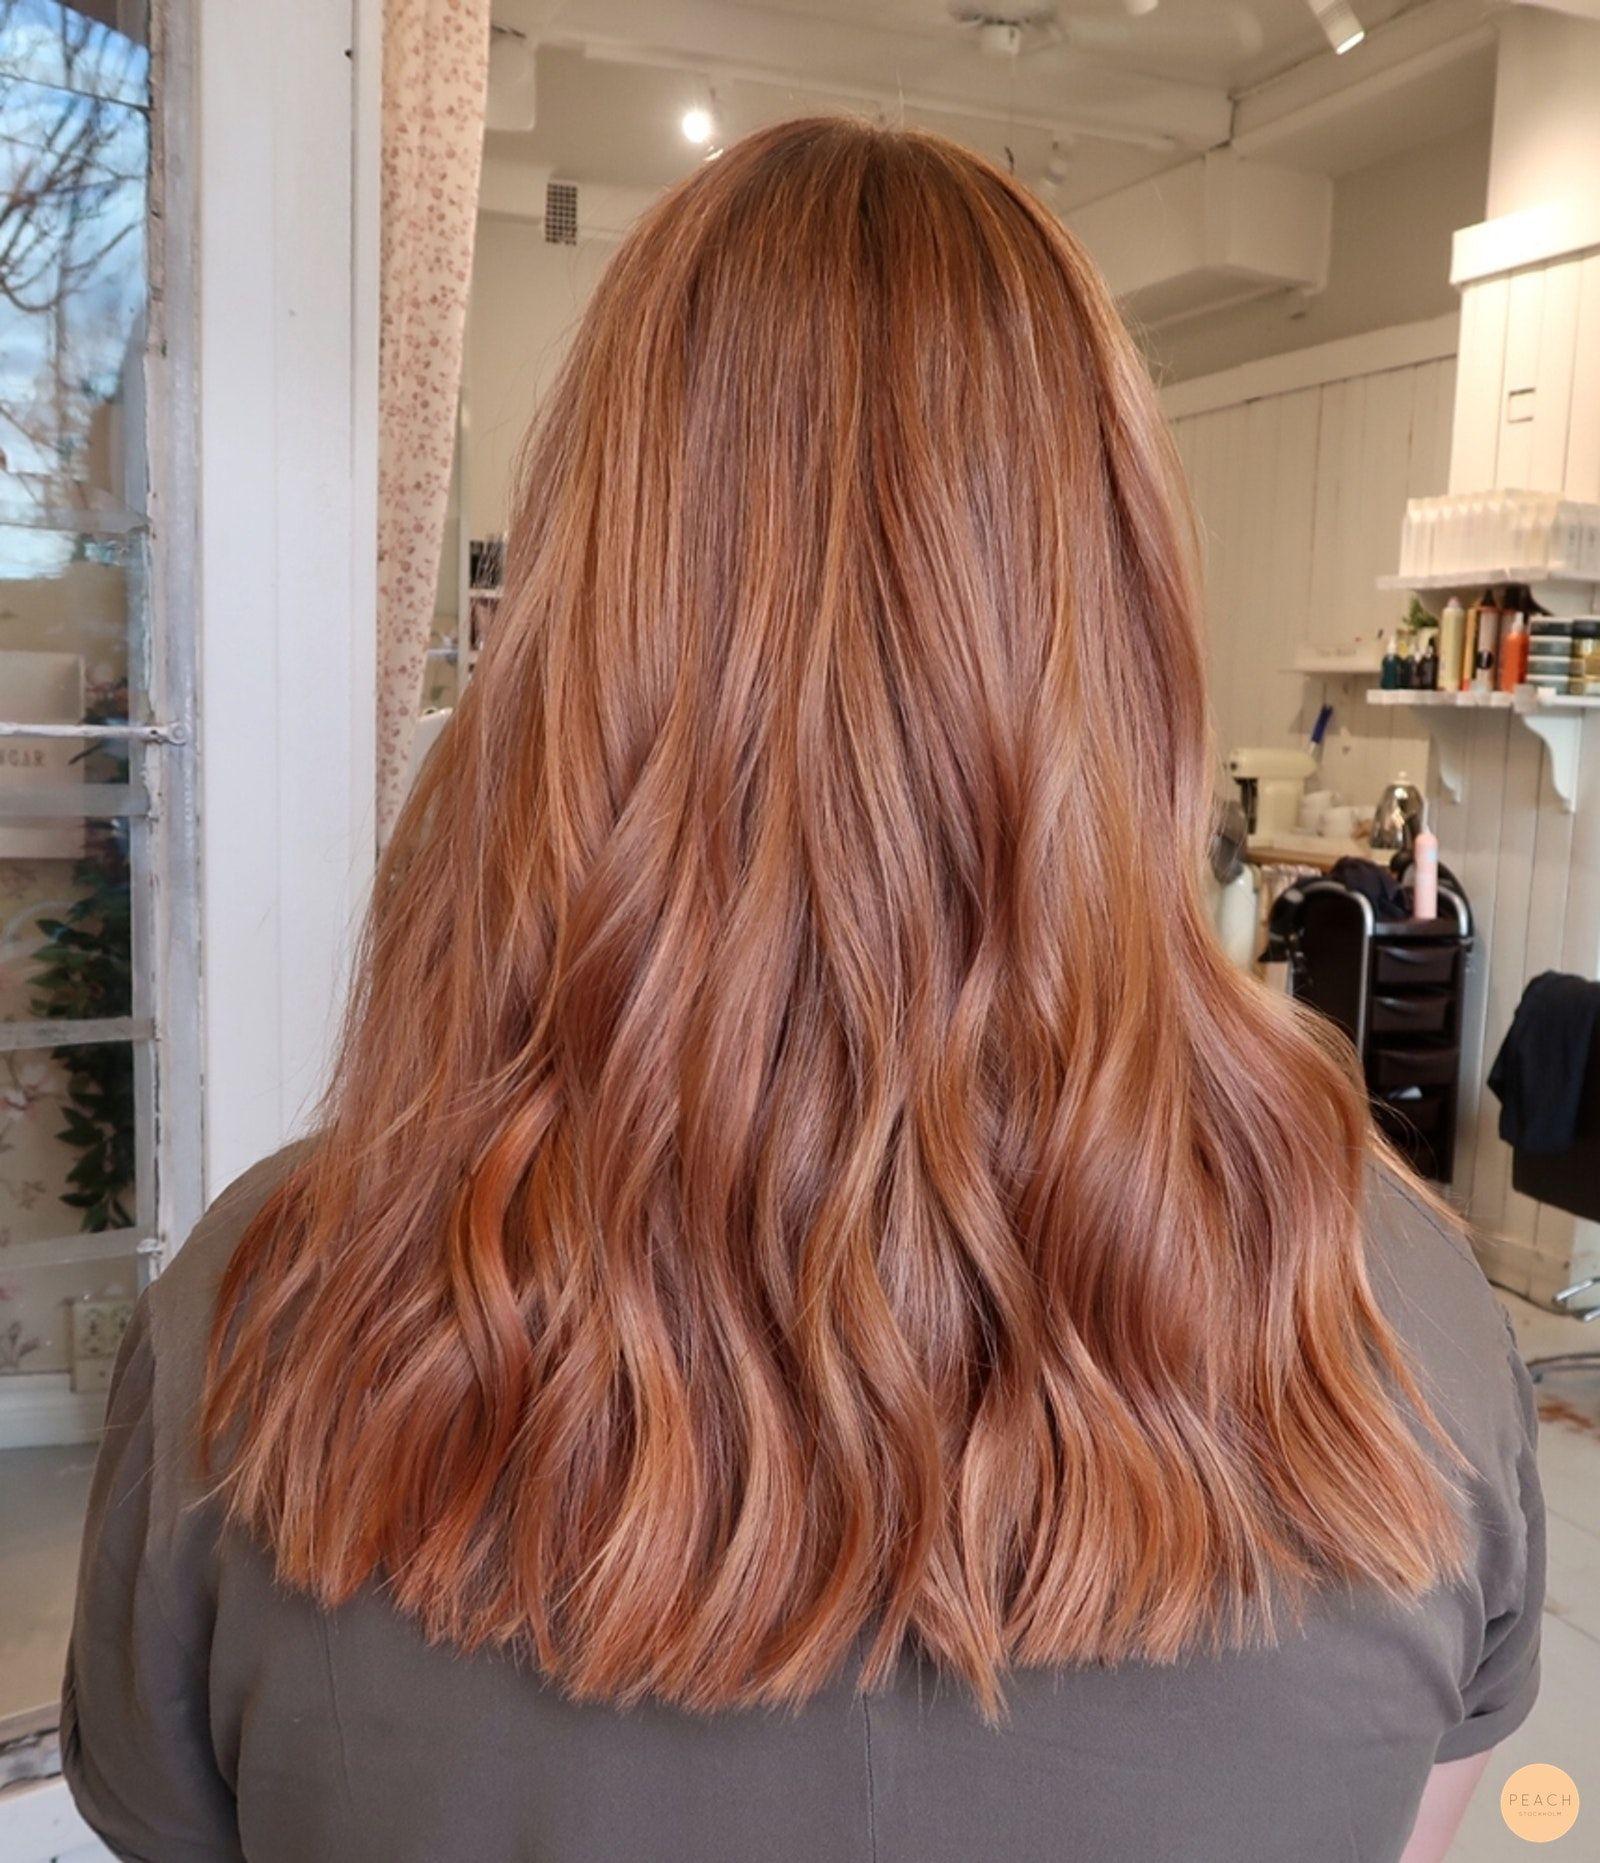 Soft copper peach hårfärg med slingor - Peach Stockholm -  Soft copper peach hårfärg med slingor – Peach Stockholm  - #Copper #hårfärg #langefriseur #med #Peach #slingor #Soft #Stockholm